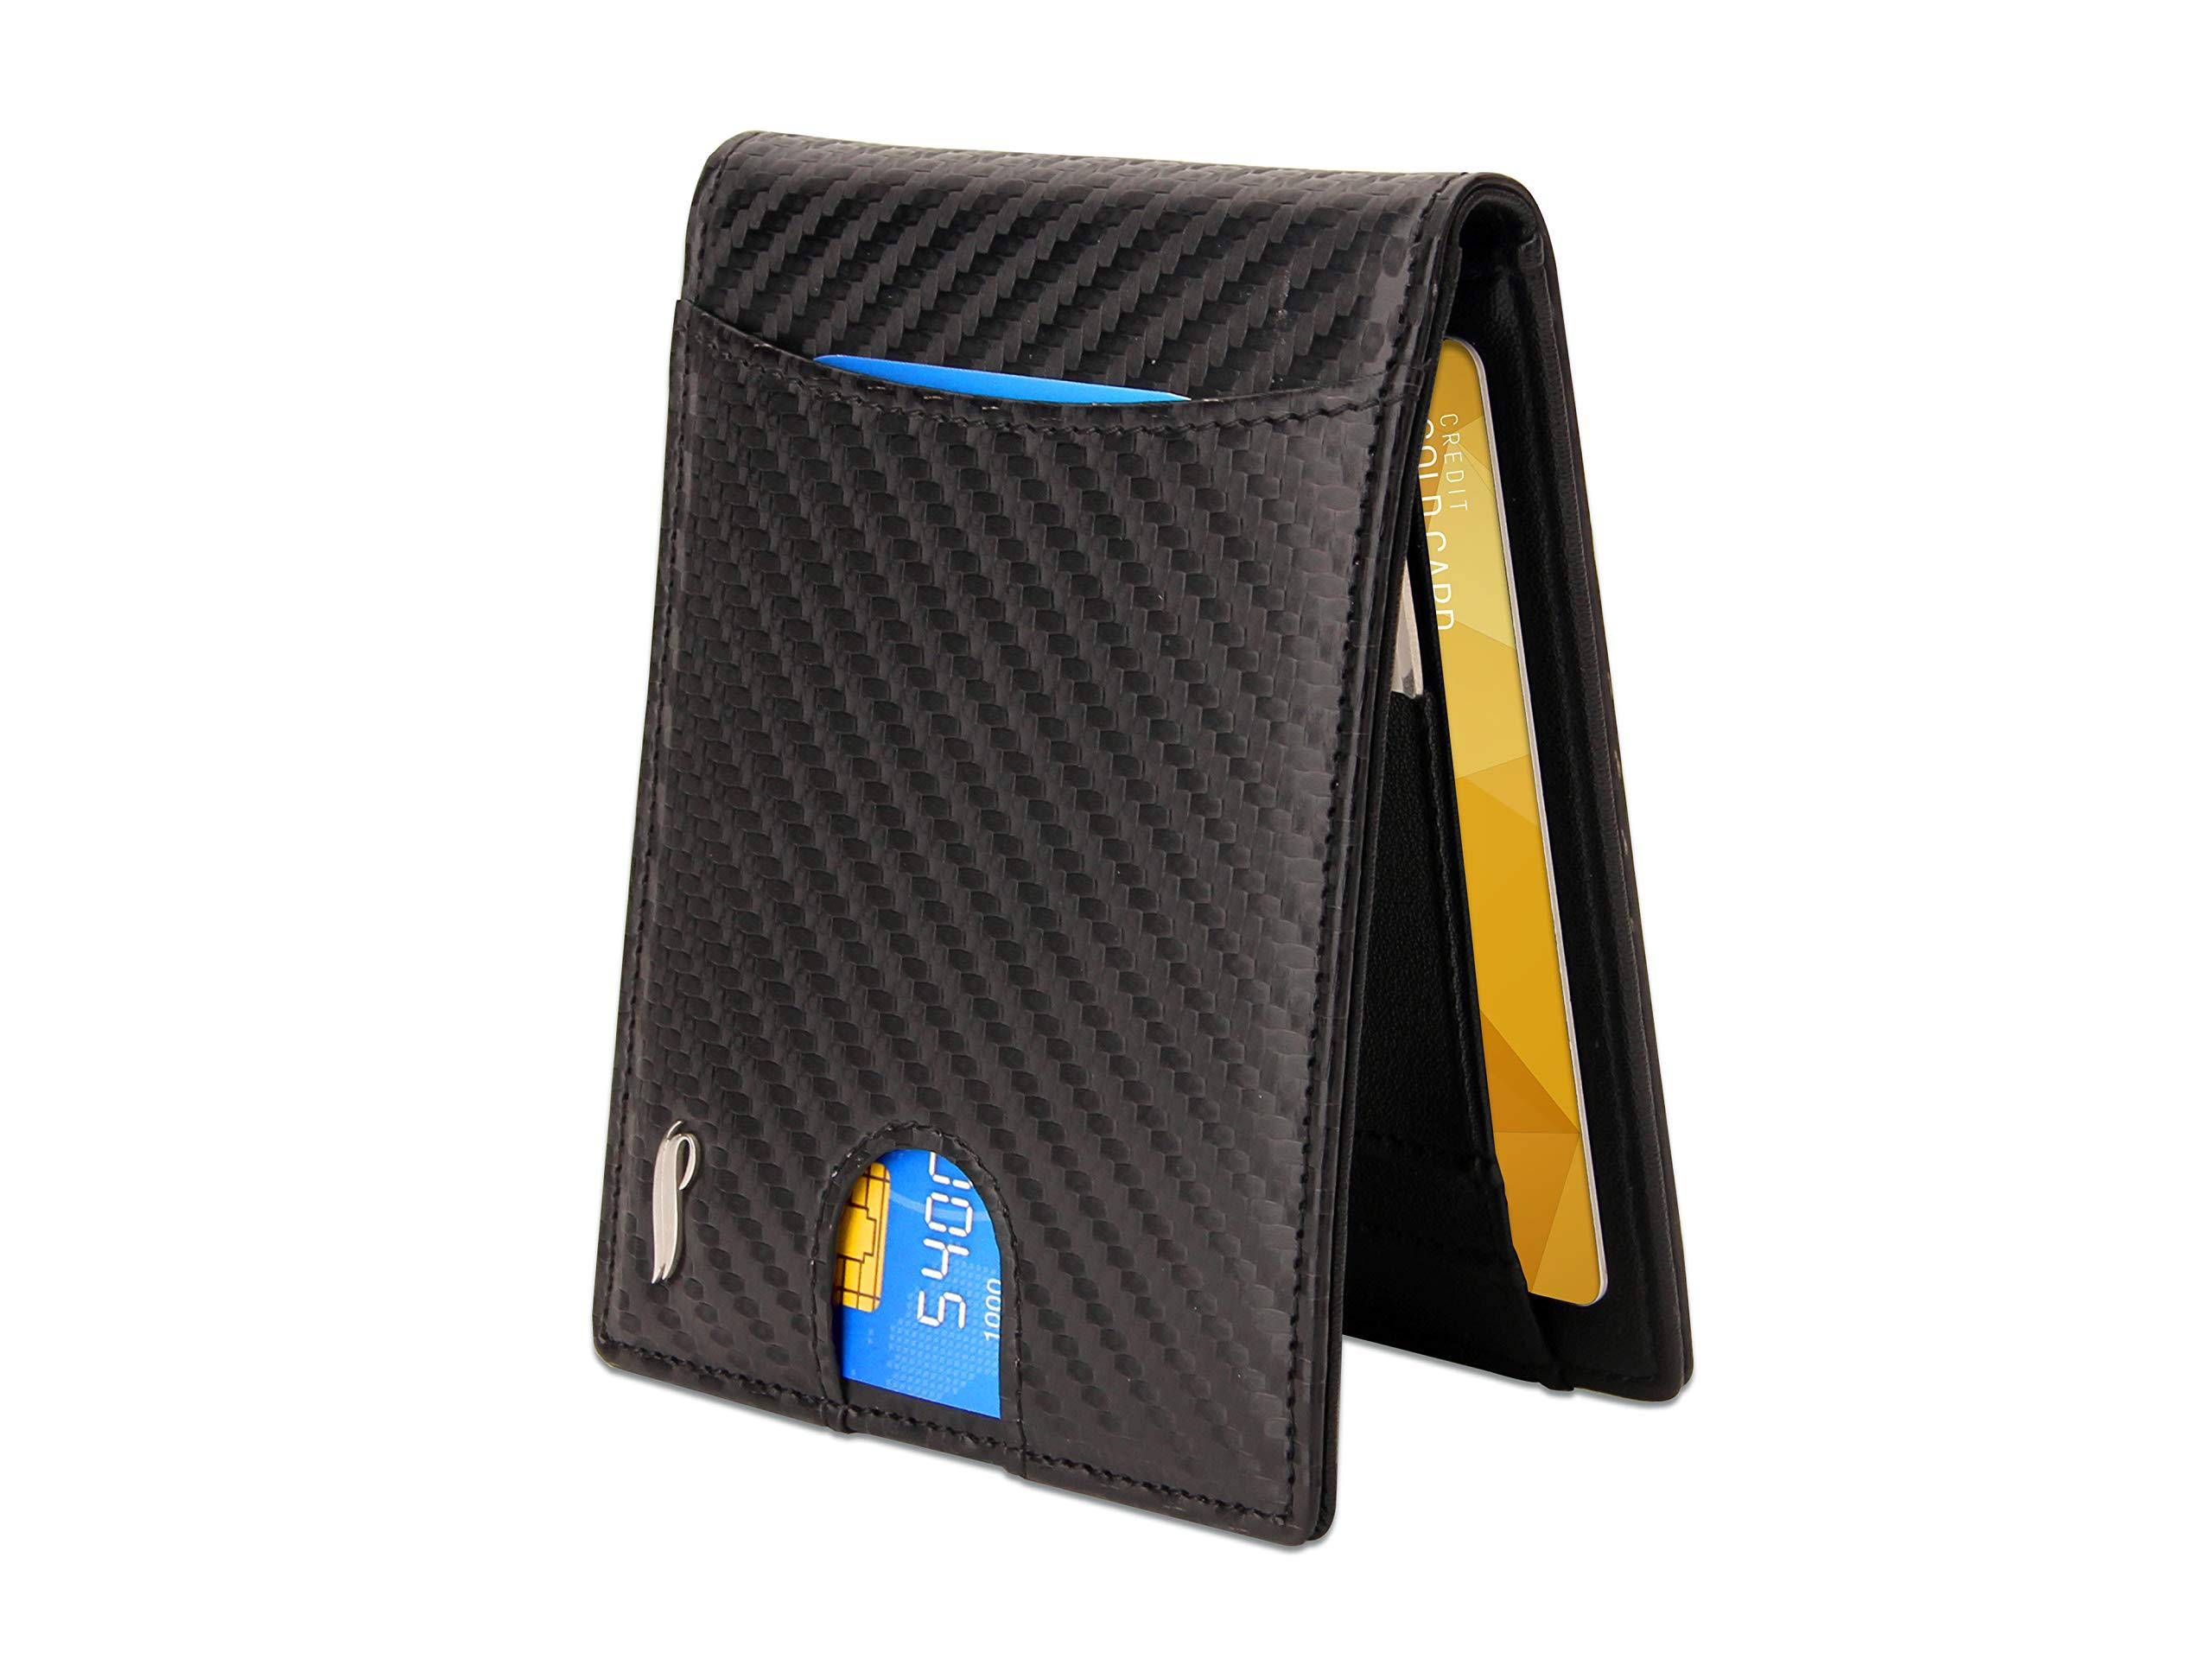 c65ddeb0cd Portafoglio Uomo CIVANBO, Portafoglio Piccolo Sottile, Porta Carte Credito  con Clip per Contanti,